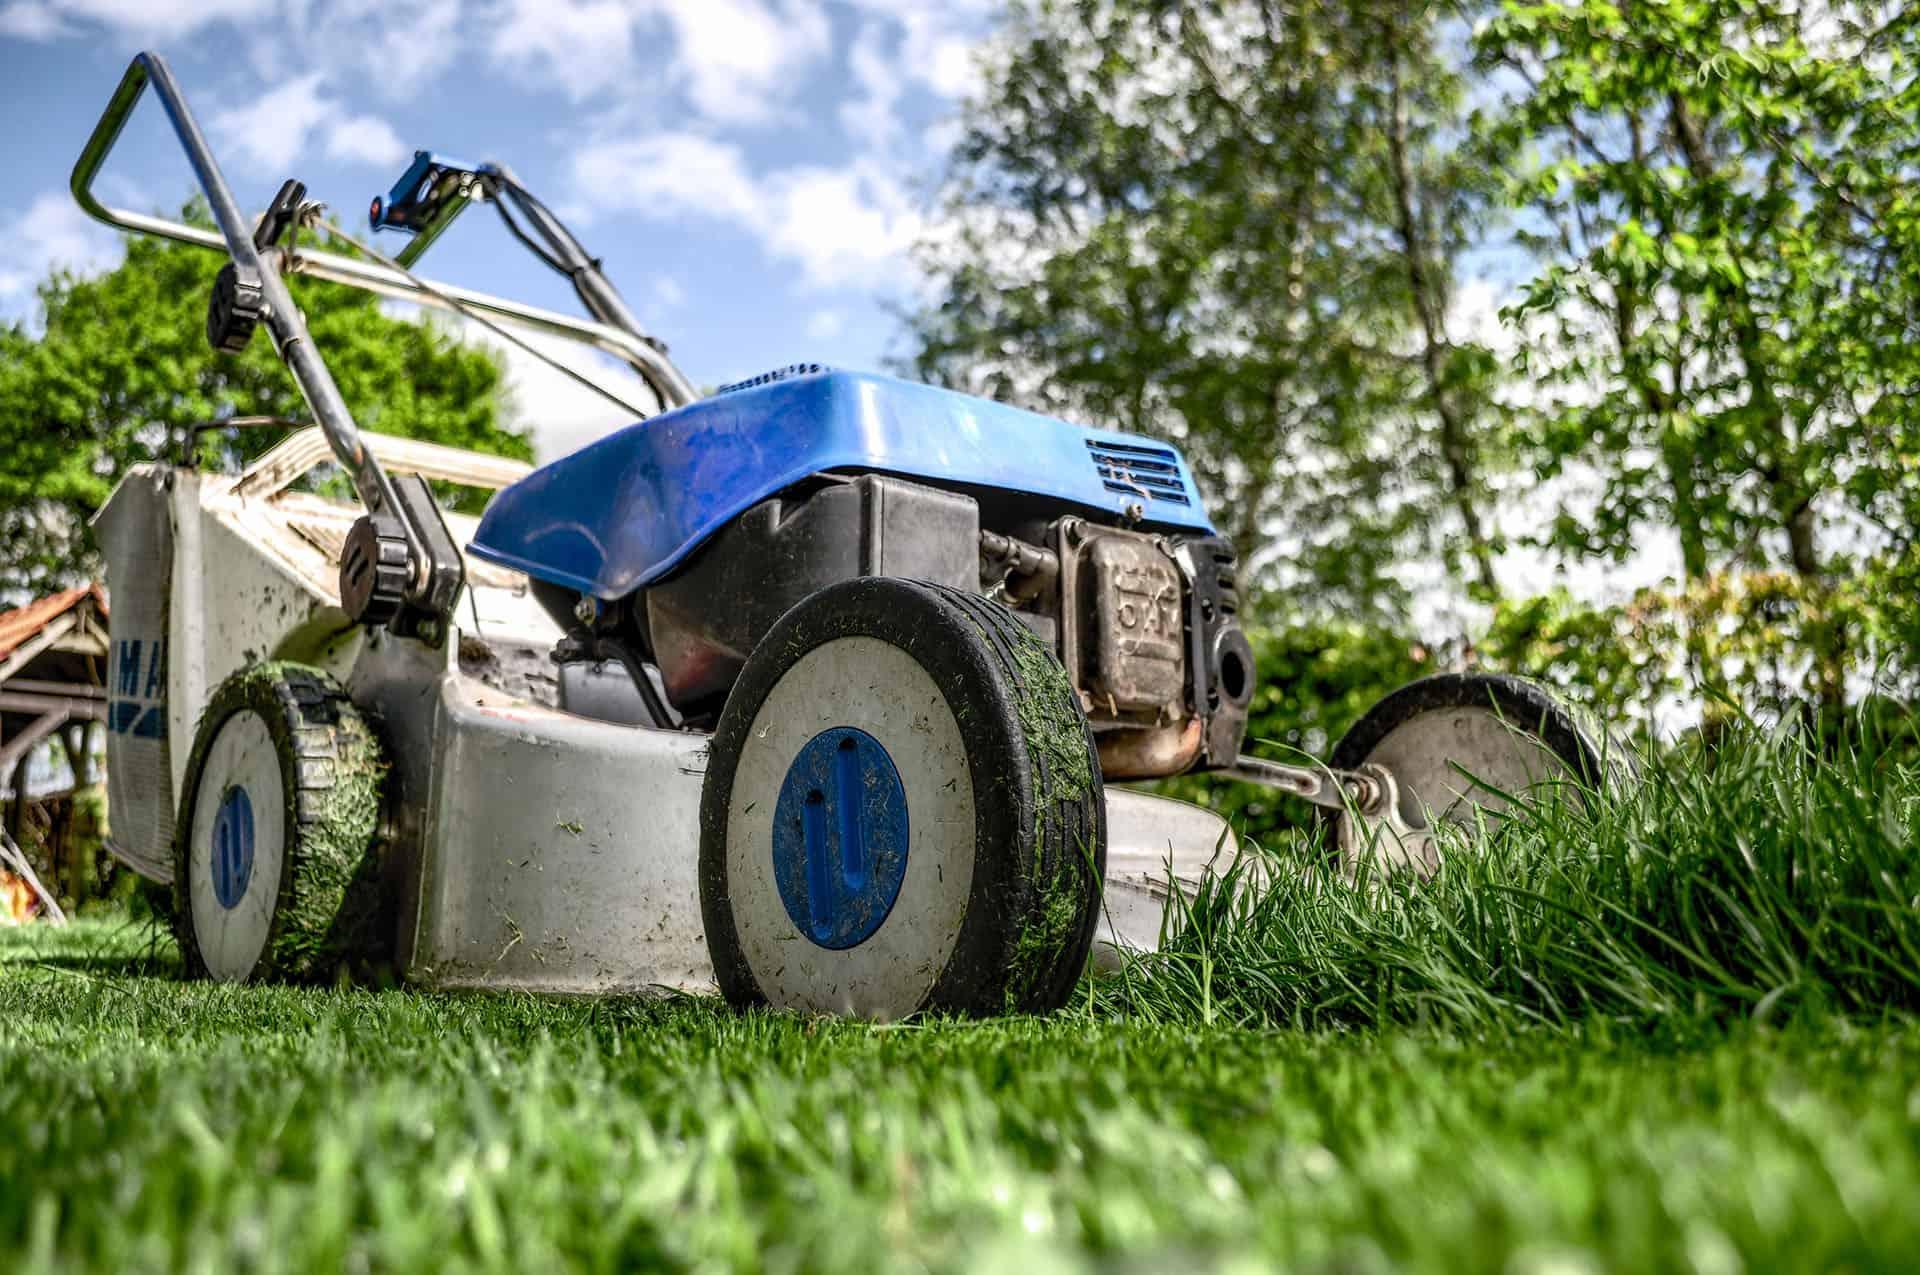 WD-40-tuingereedschap-grasmaaier-tuin